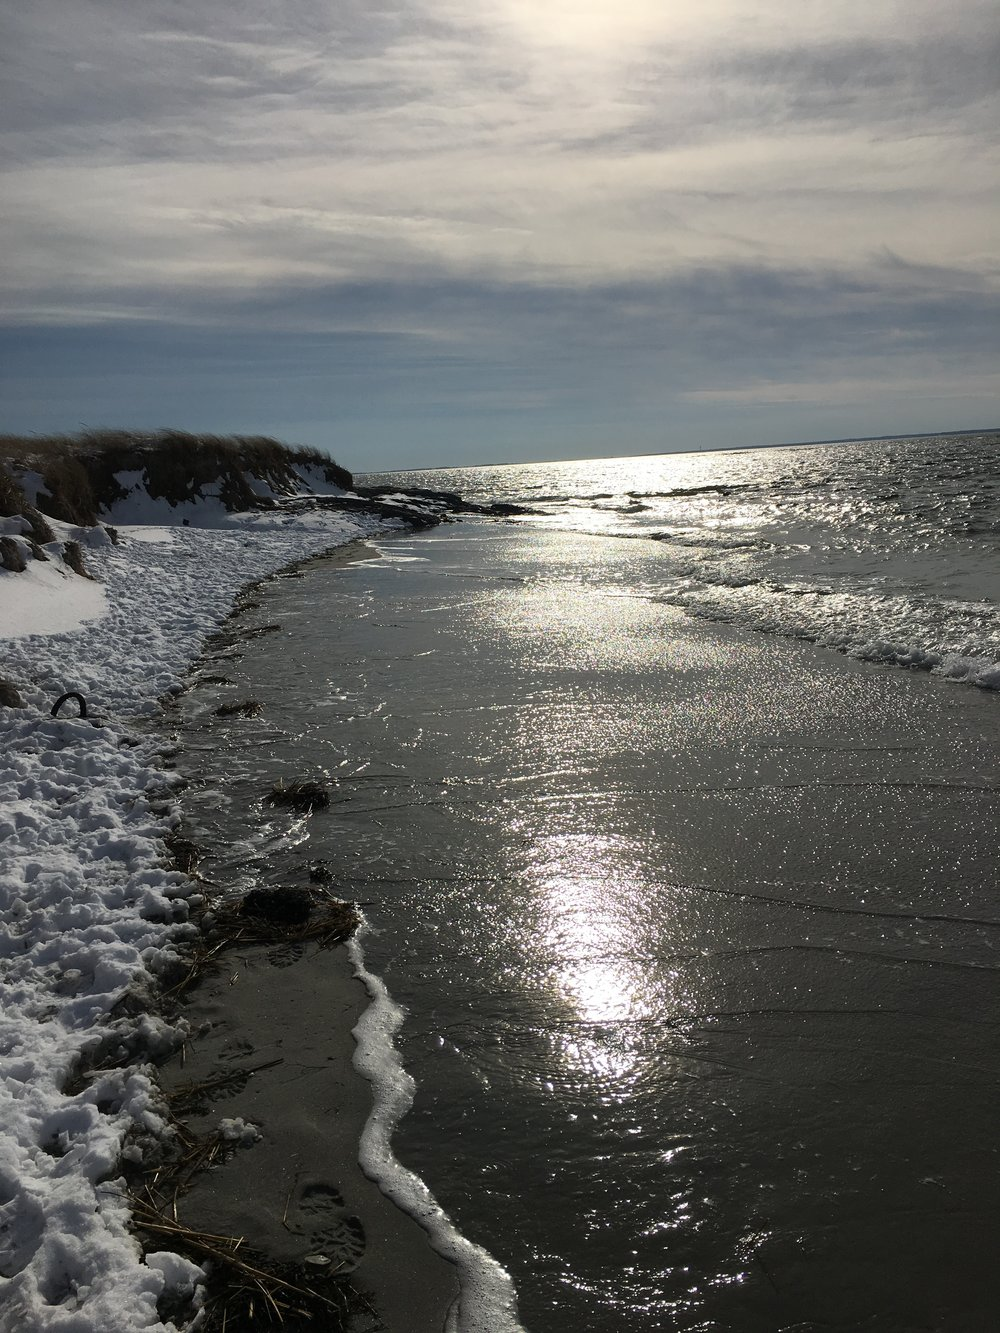 Breathe in the OCEAN AIR